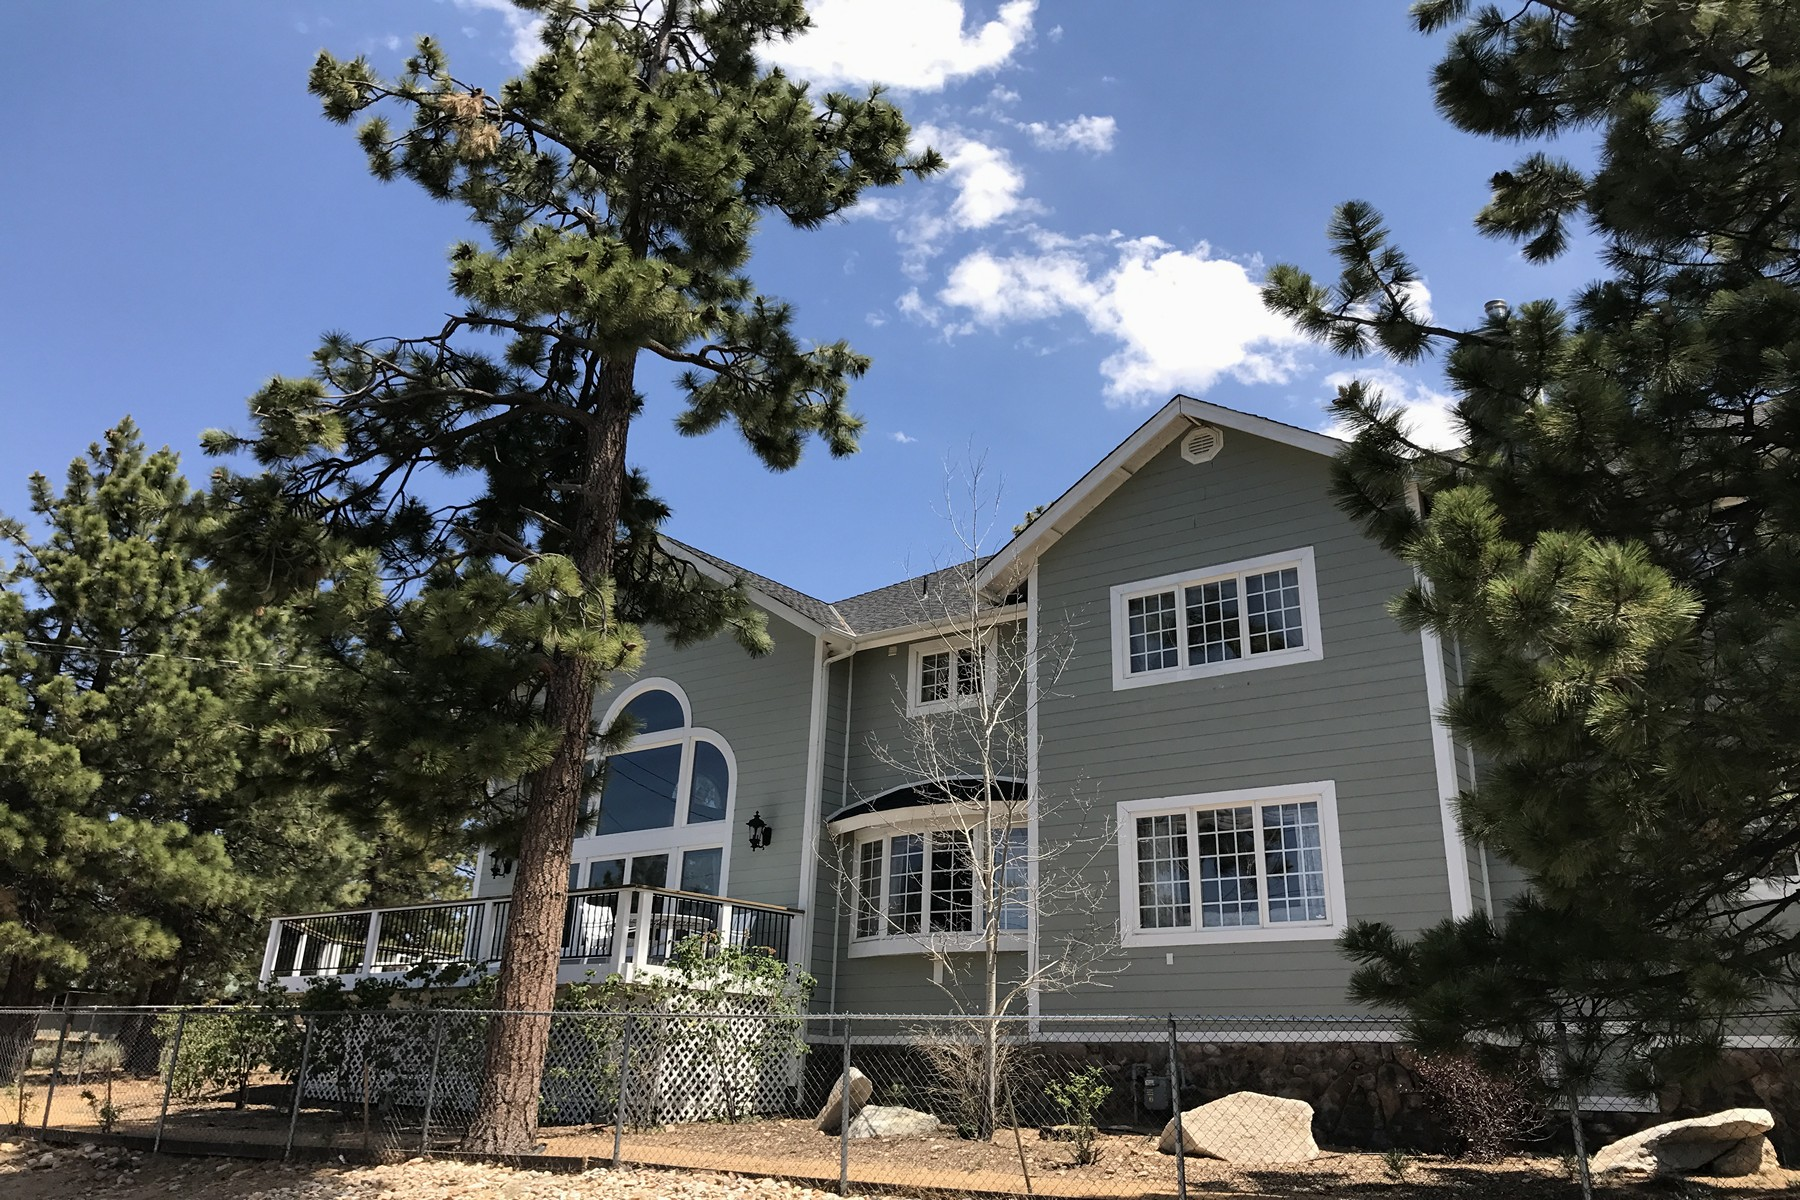 Объект для продажи Big Bear Lake